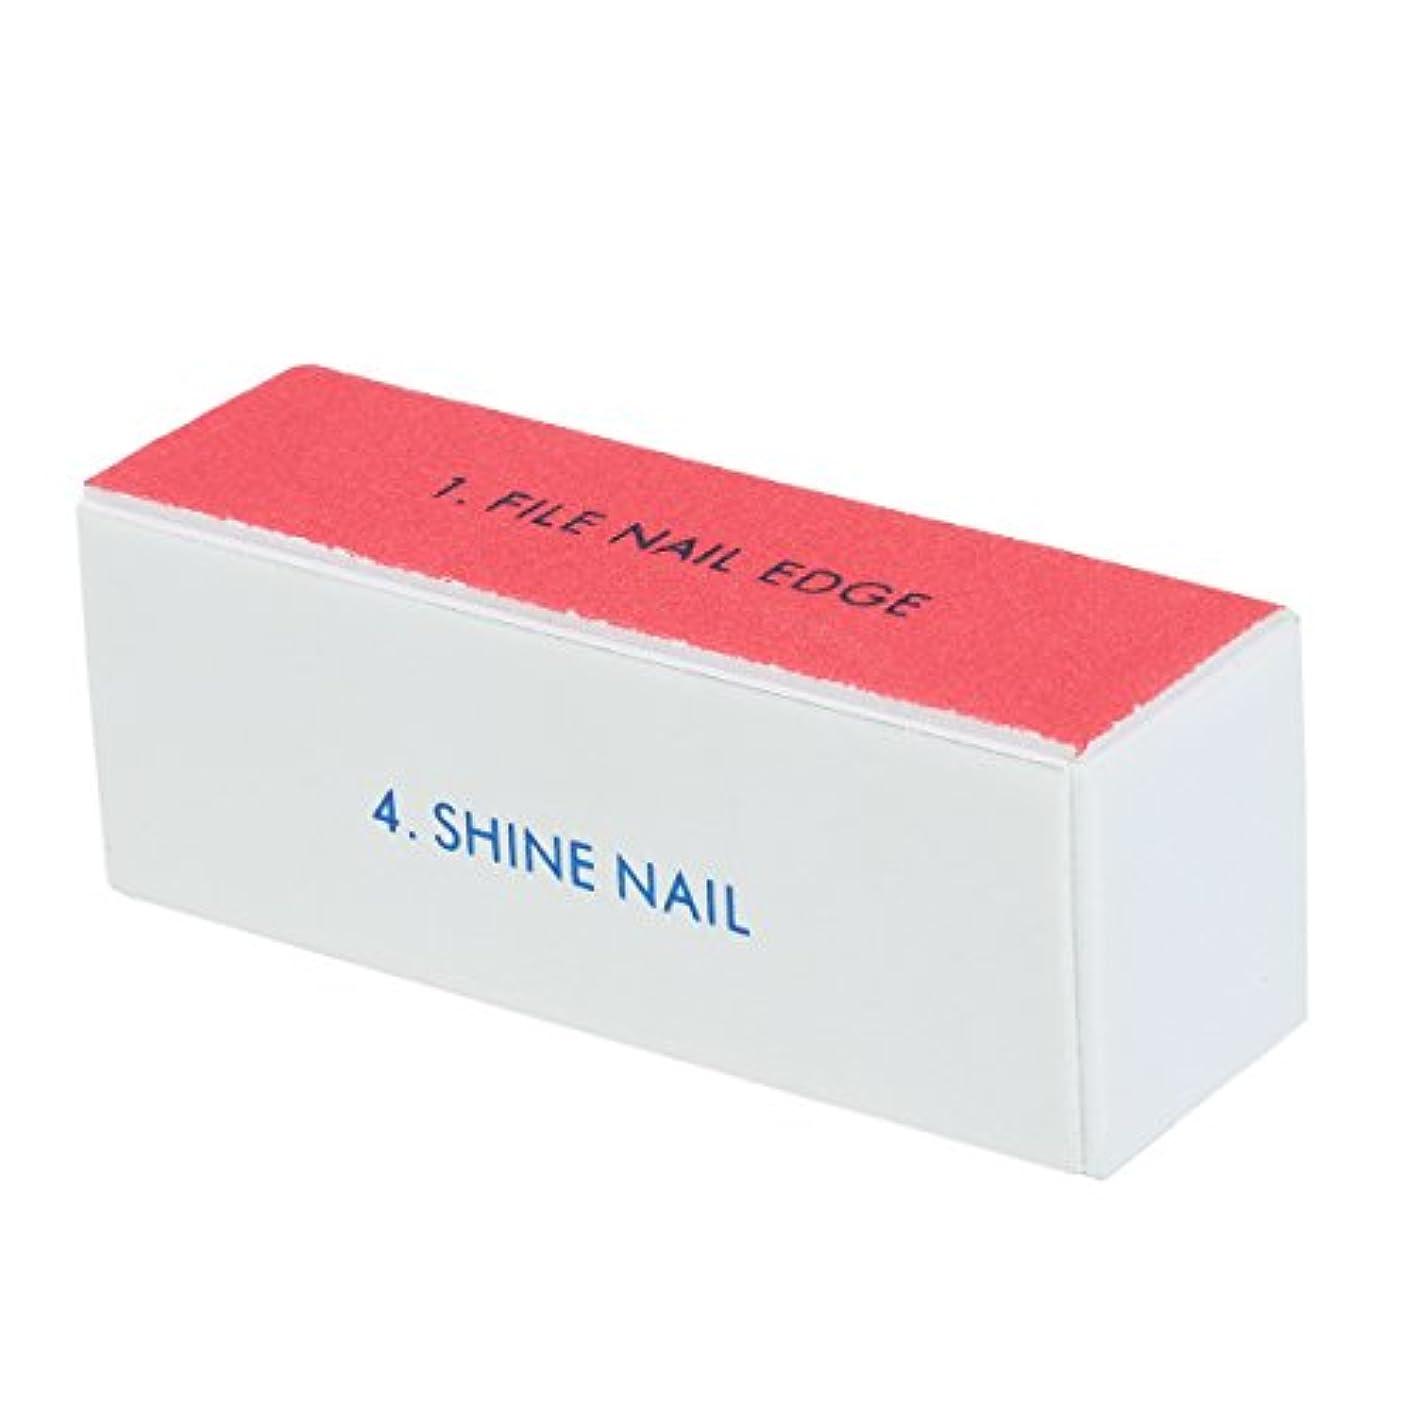 勇敢な吸収する具体的にGoshang ブロックバッファー 爪やすり 爪磨き 4面ブロックバッファー ネイルシャイン ネイルケア